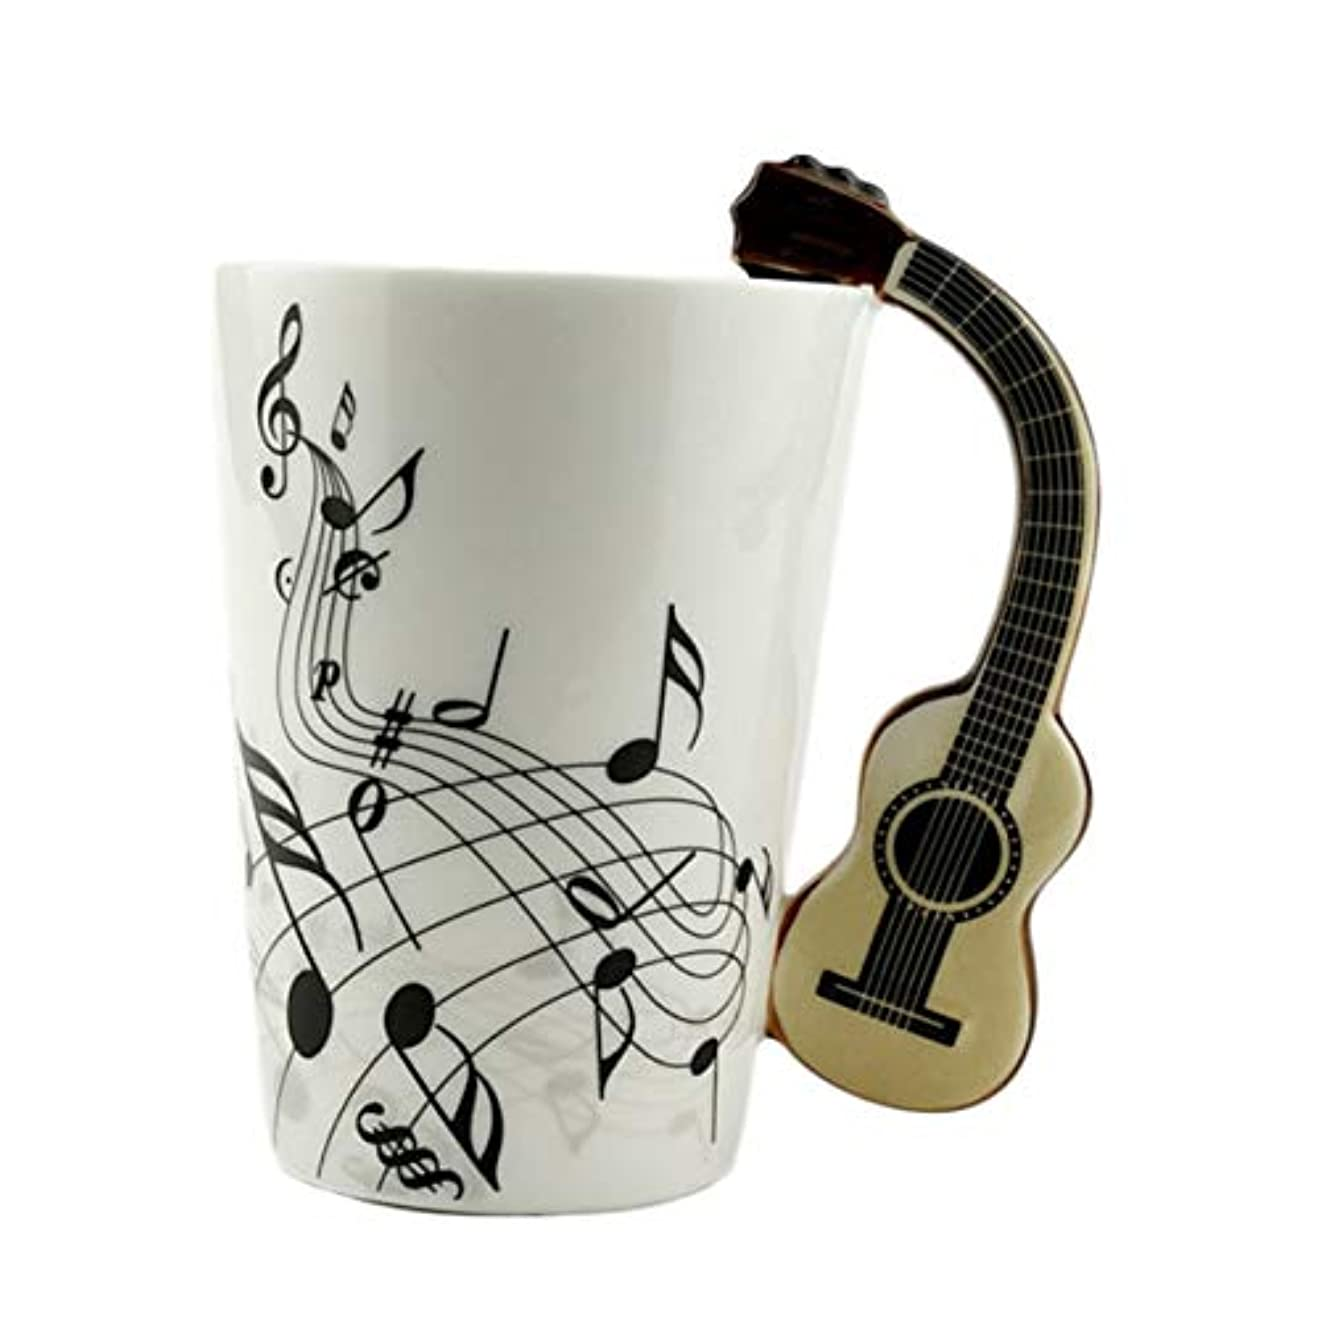 お誕生日チチカカ湖うなずくSaikogoods ノベルティアートセラミックマグカップ楽器は スタイルのコーヒーミルクカップクリスマスギフトホームオフィスカップ グラスに注意してください。 ホワイトボディギター